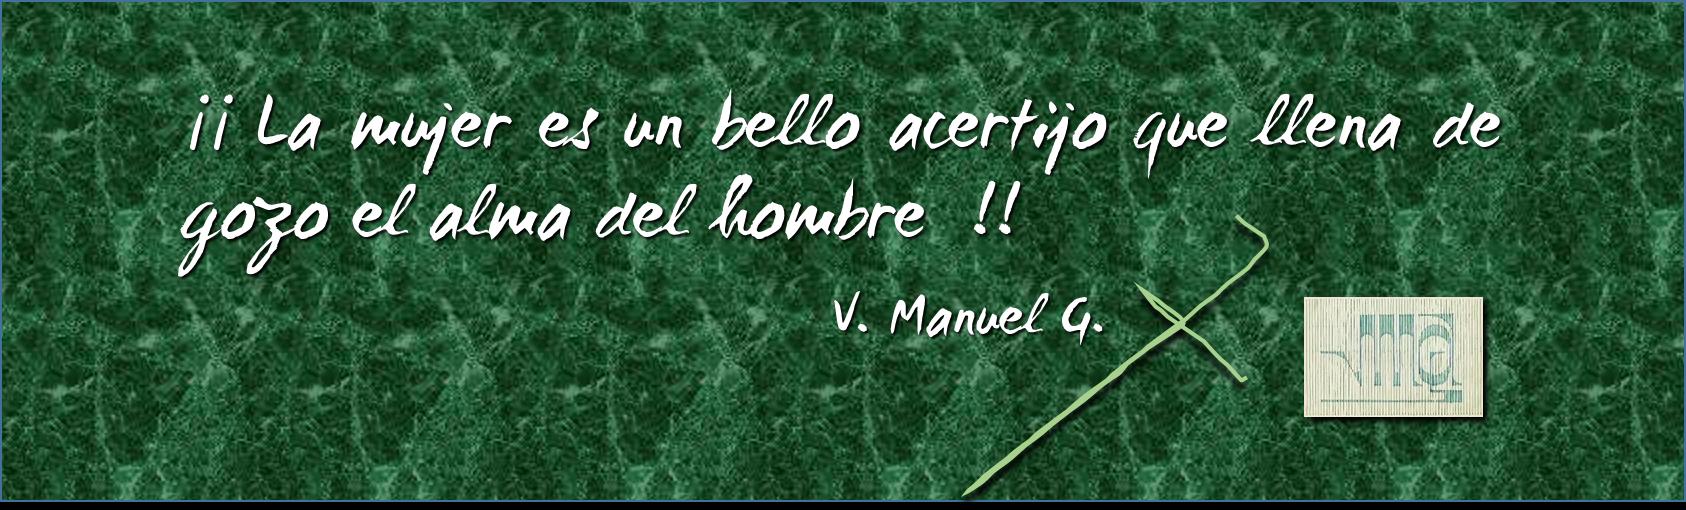 ...Bello acertijo !! VMGA ...F-2,925